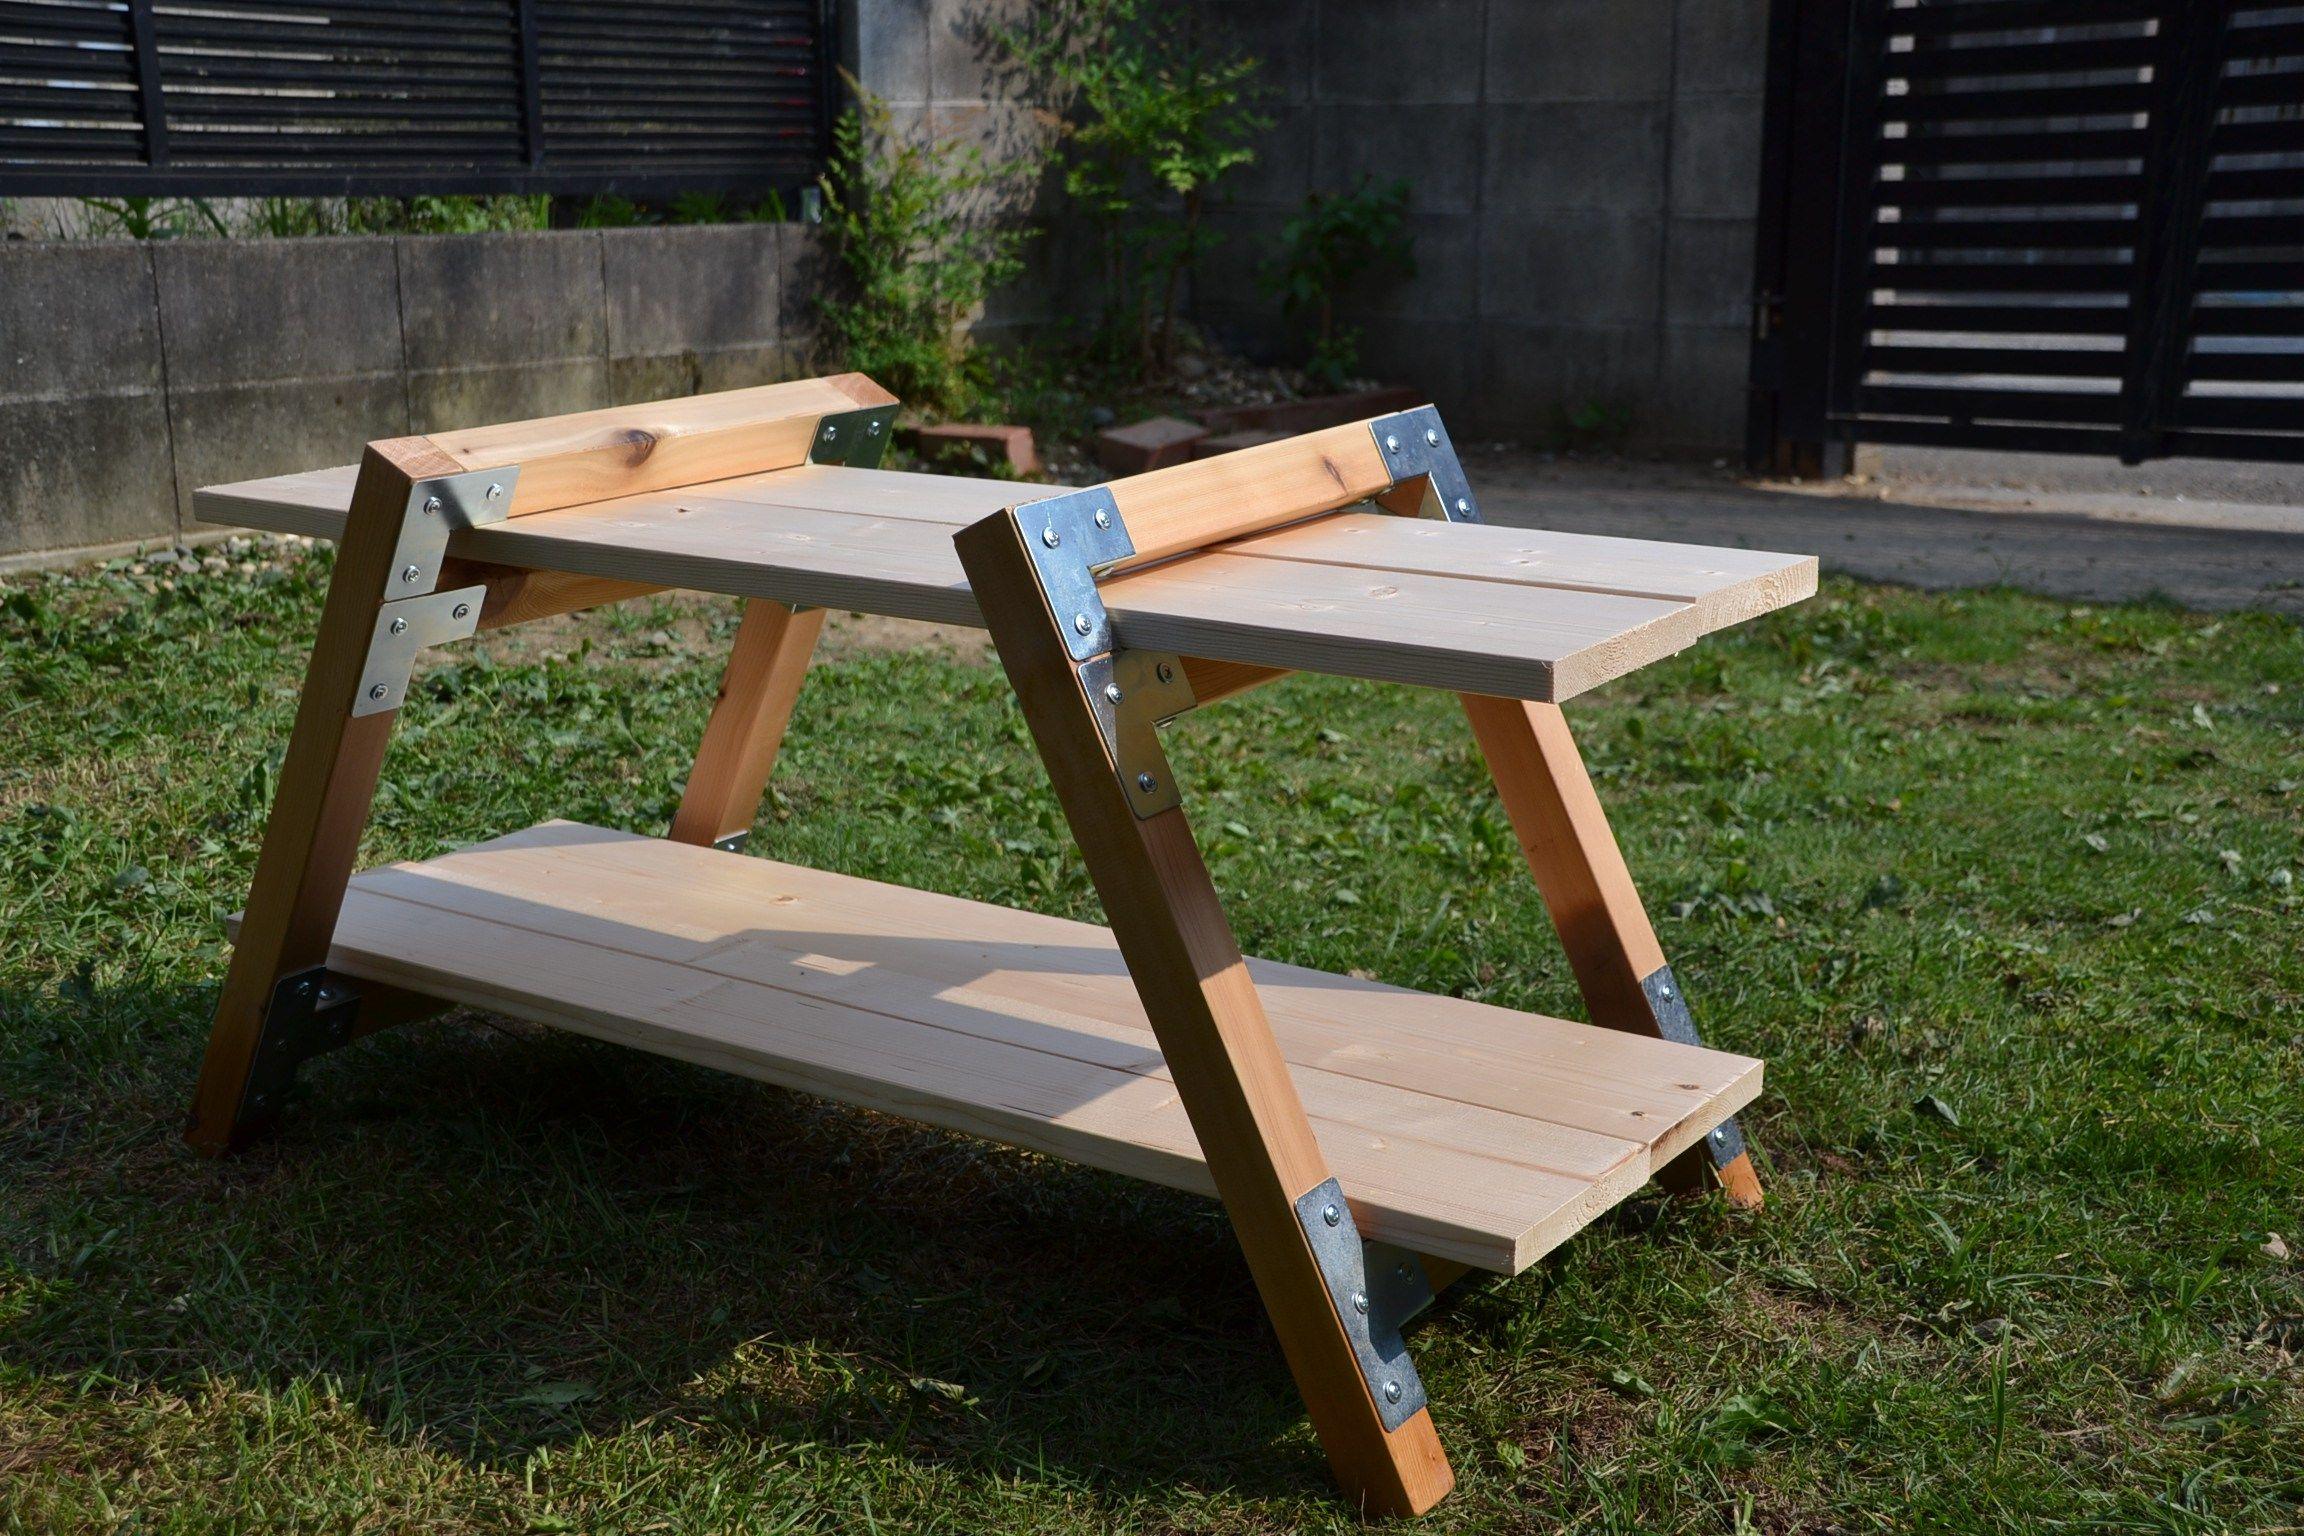 キャンプサイト用の棚を自作 簡単手抜きdiy 棚 自作 アウトドア テーブル 自作 キャンプ テーブル Diy